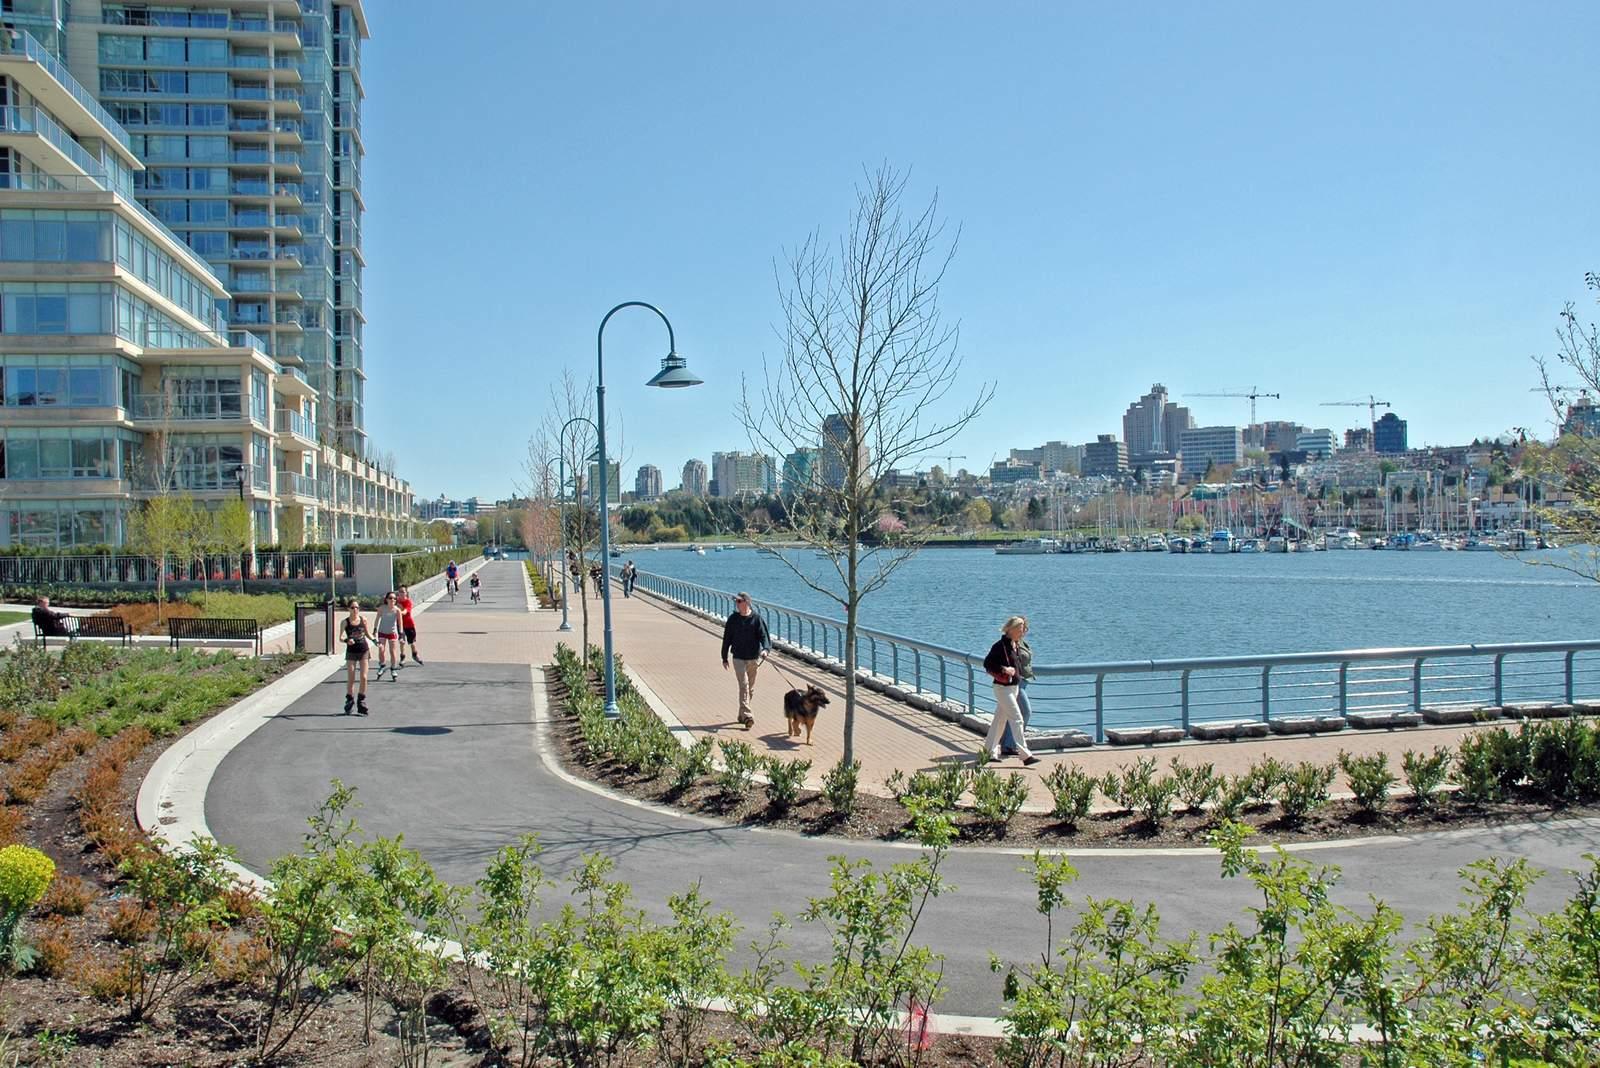 Vancouver Seawall in Yaletown